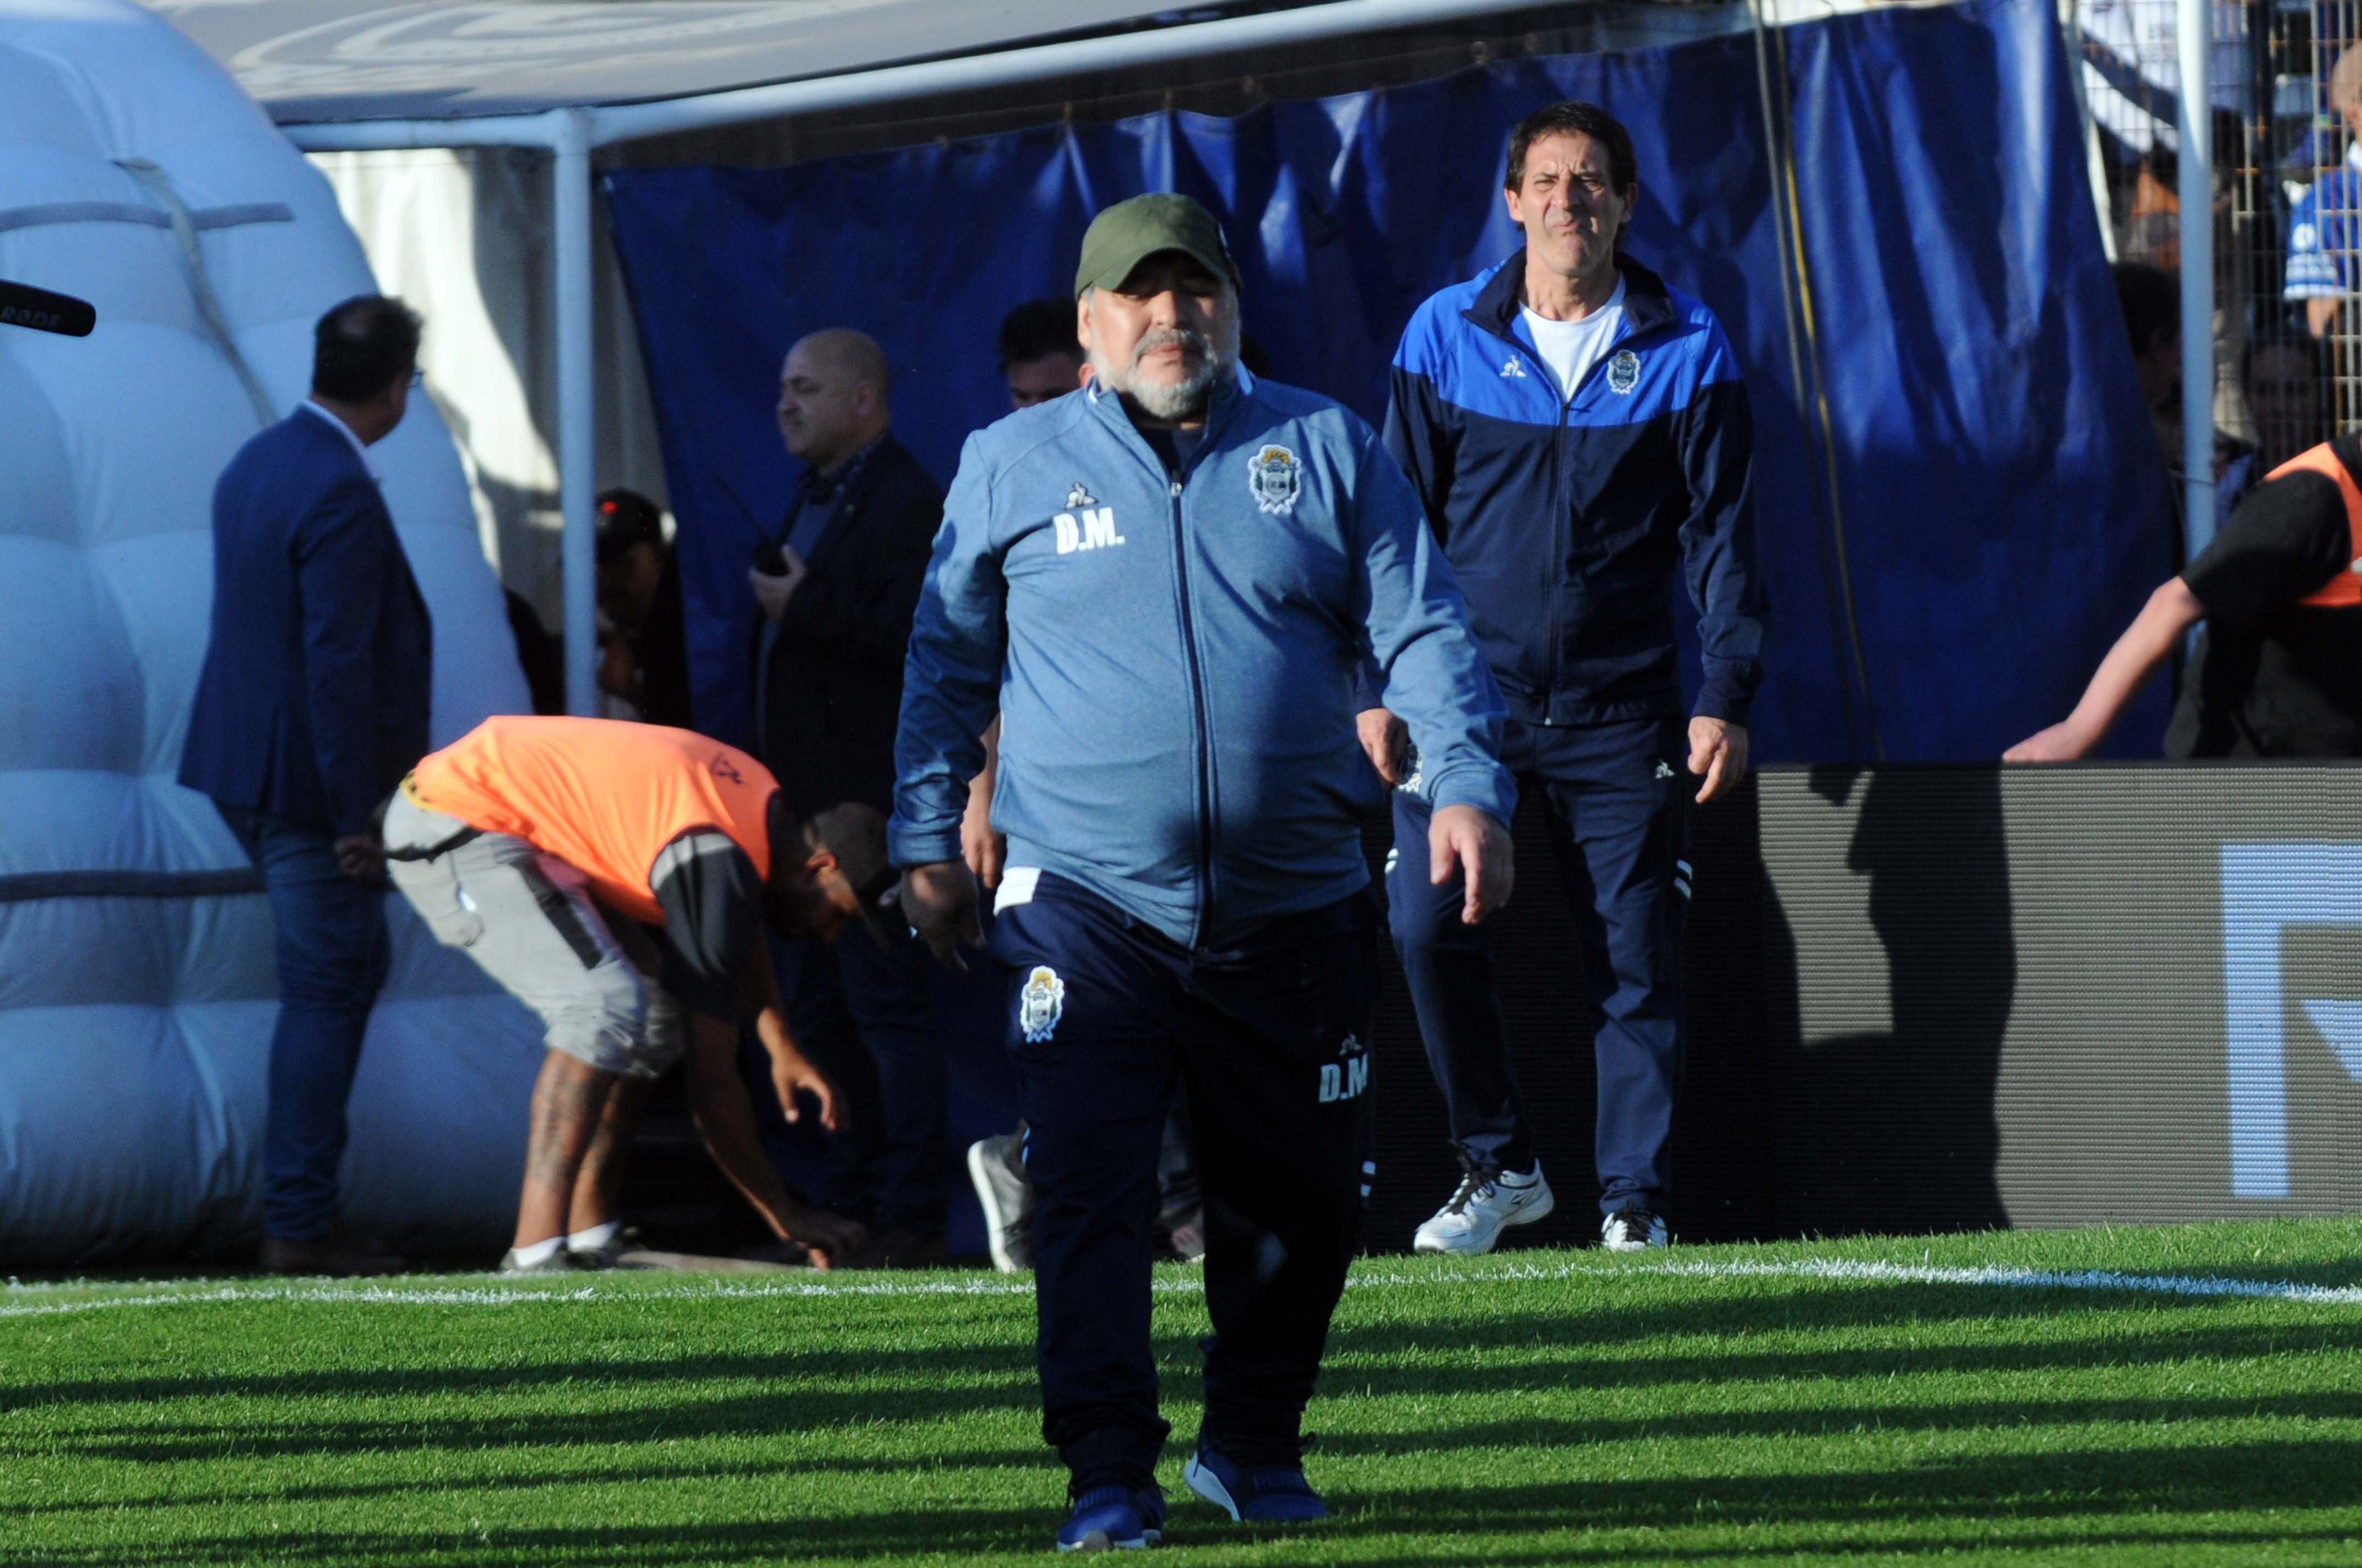 El equipo de Maradona volvió a perder y el Diez pidió perdón